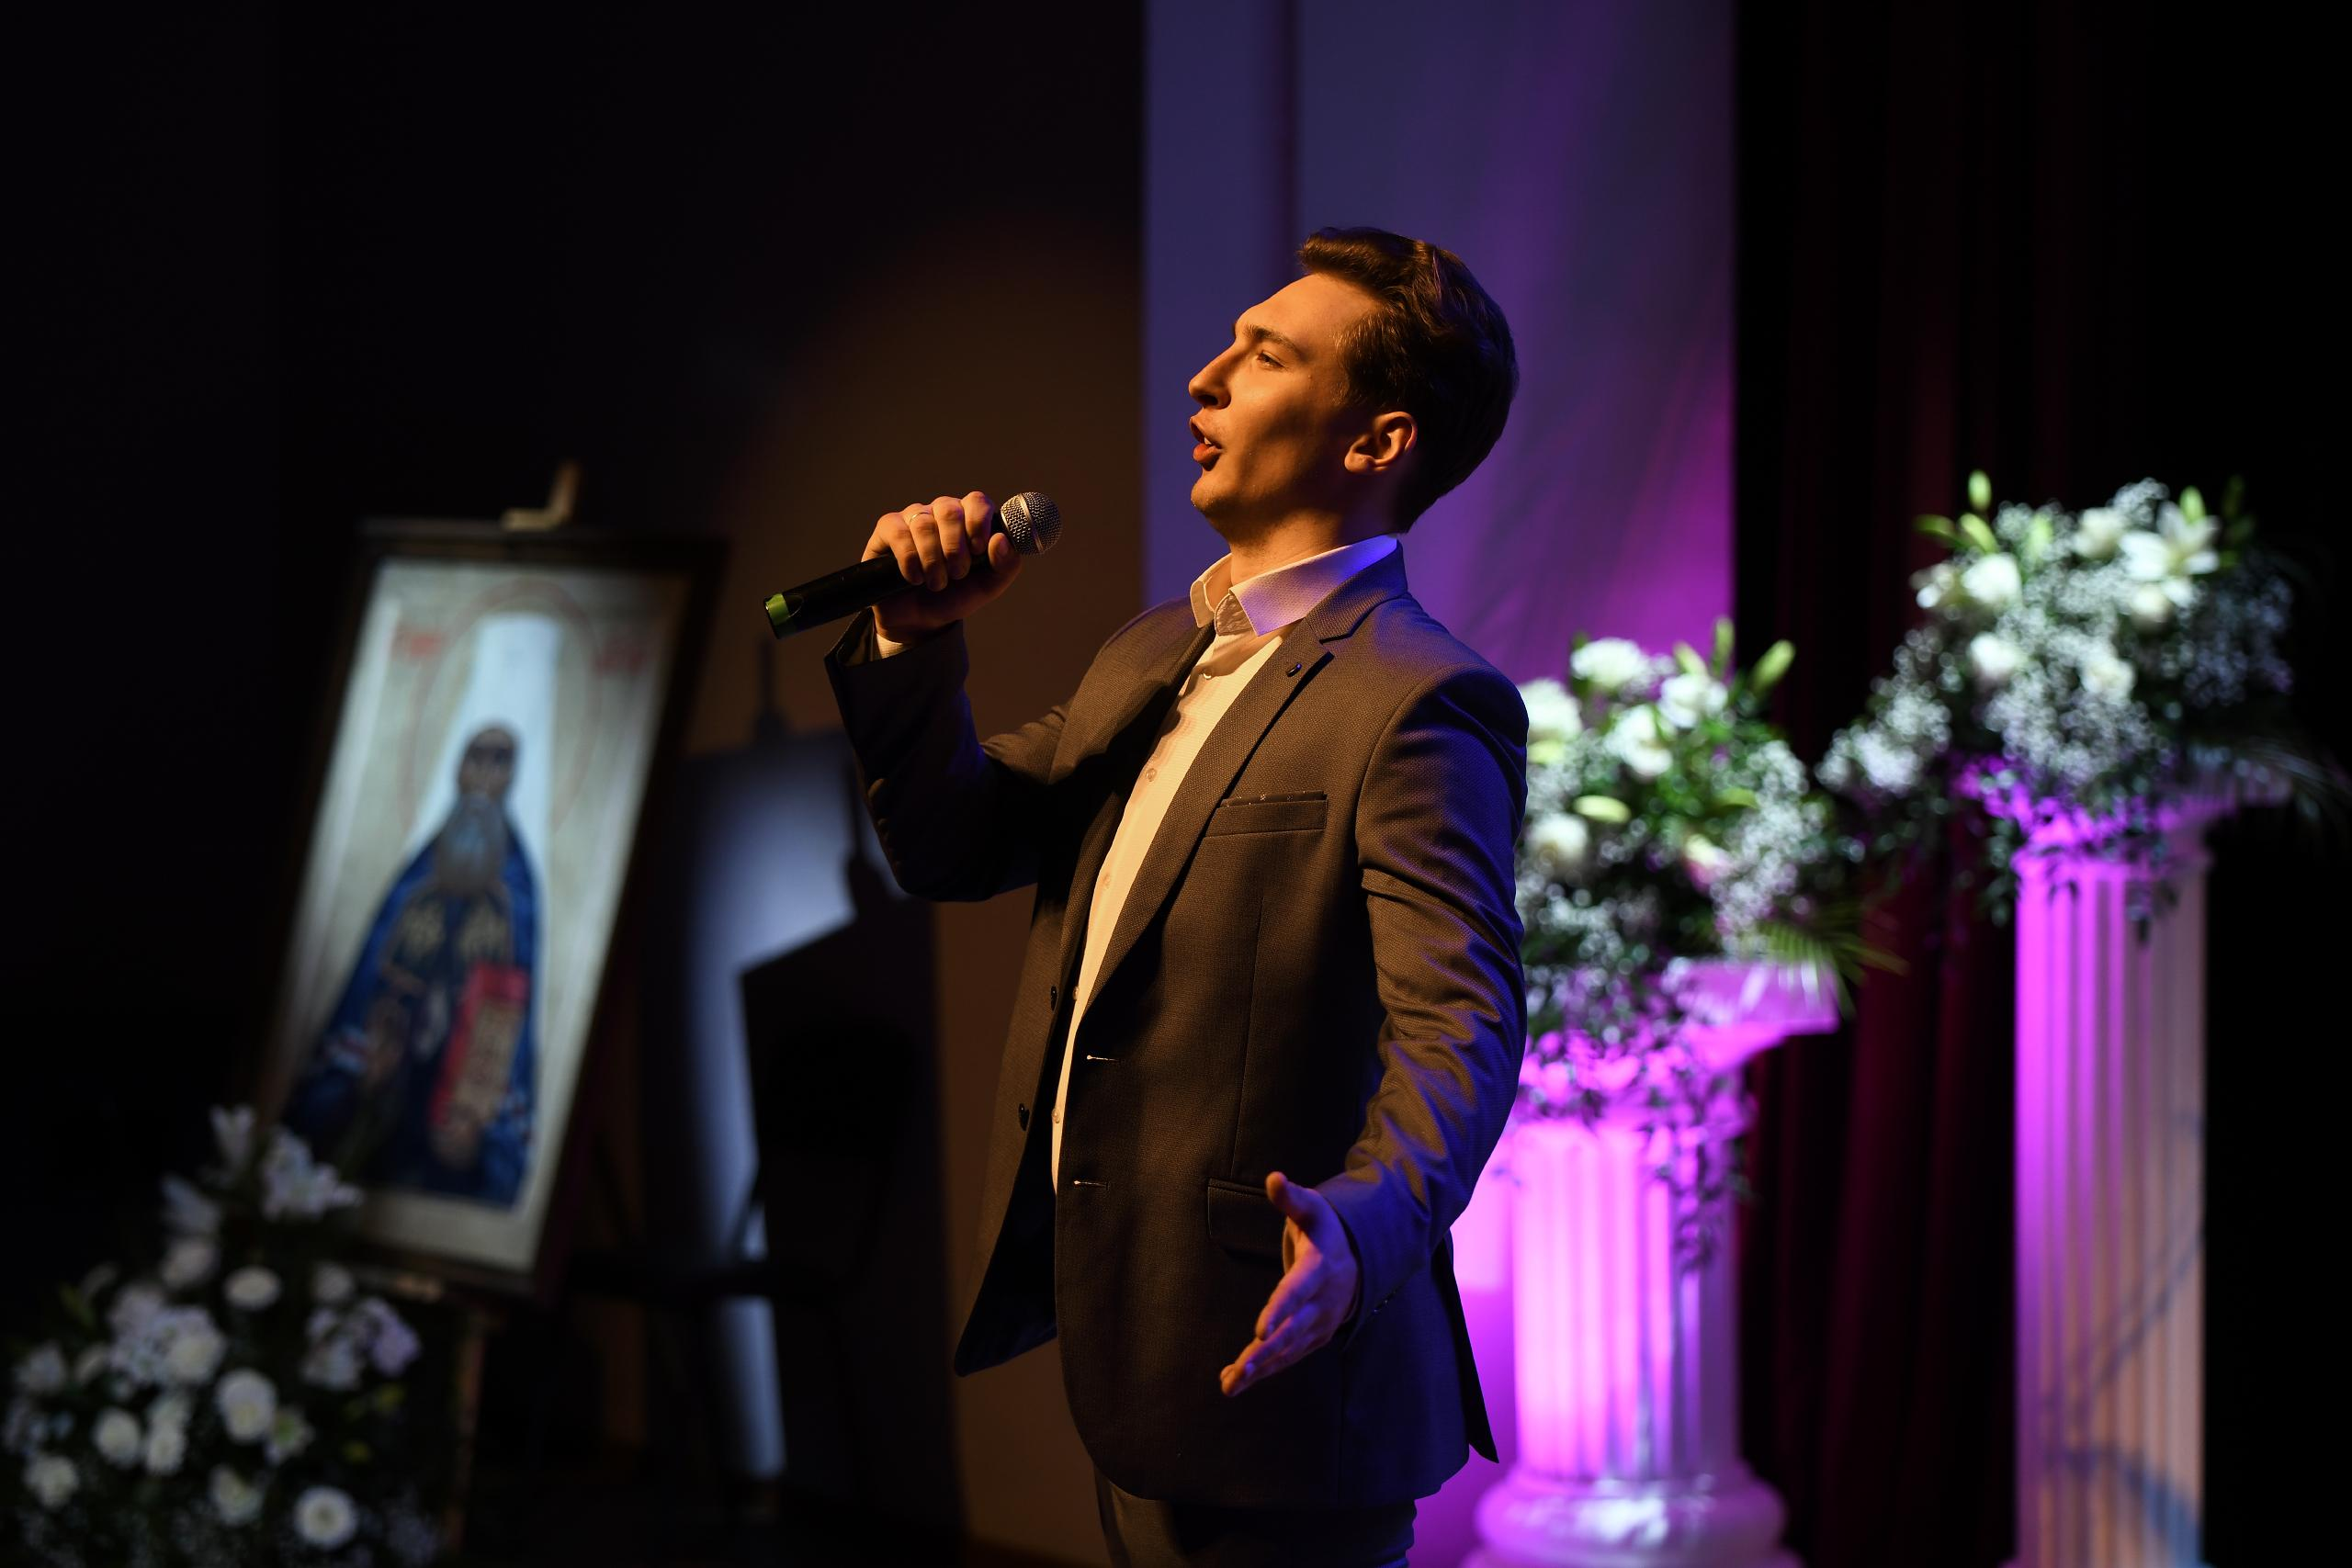 Гала-концерт призеров фестиваля духовной песни имени святителя Филарета состоялся в Коломне